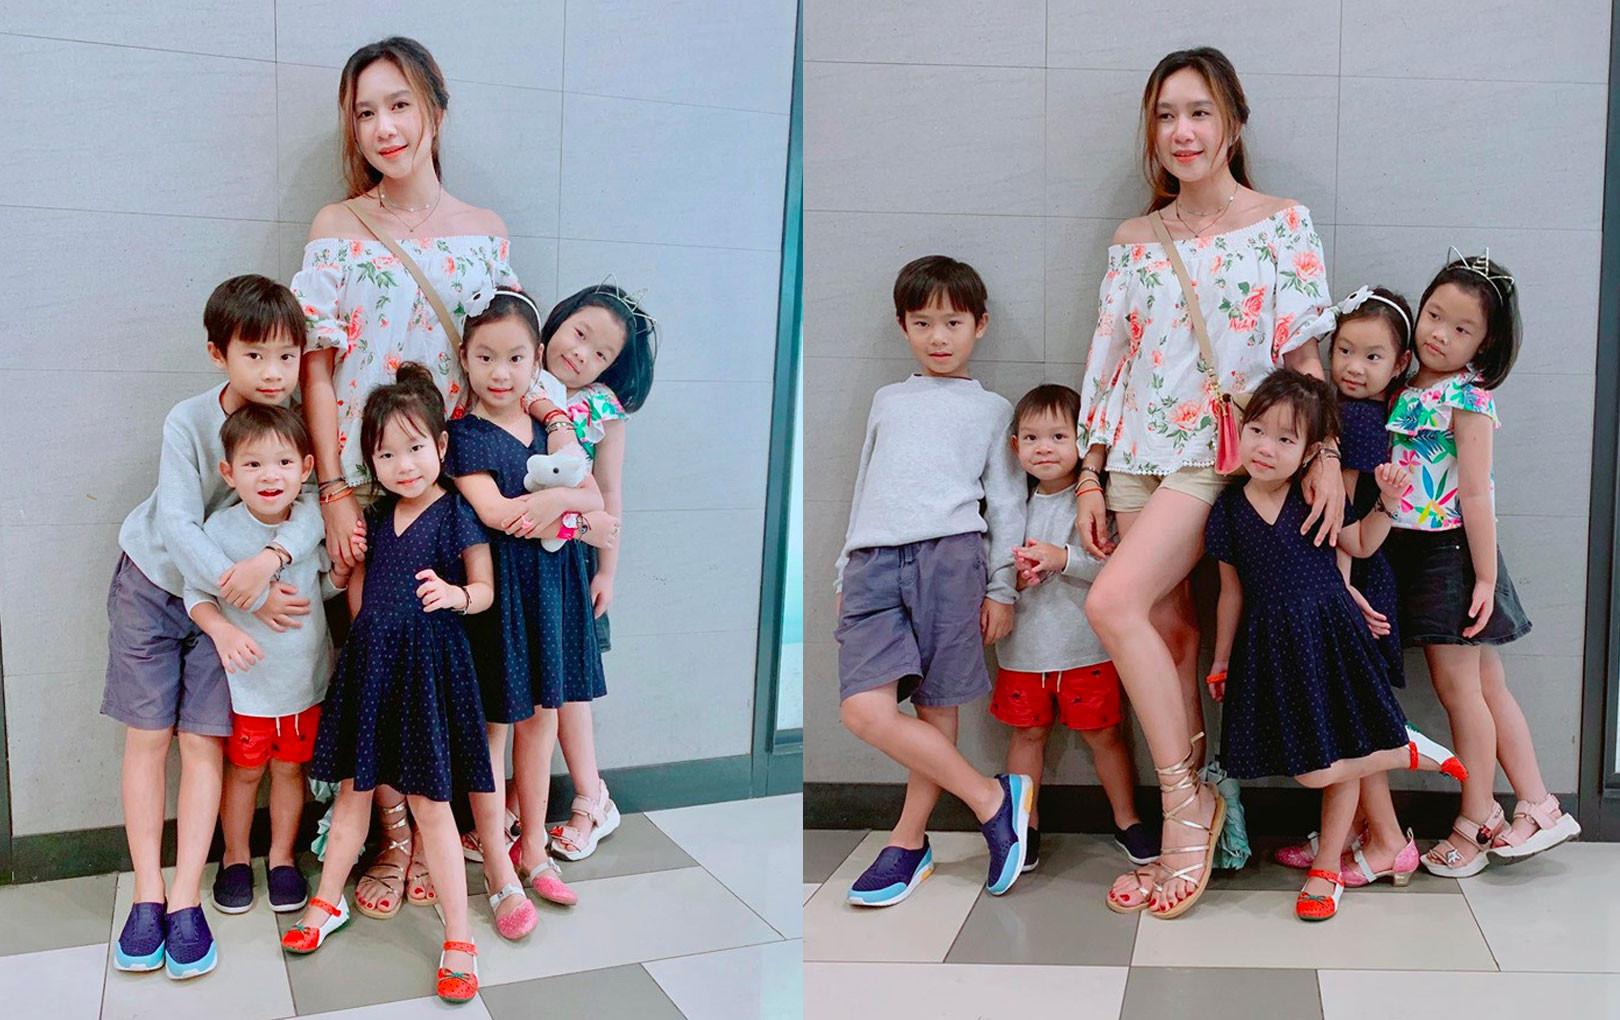 """Bà xã Lý Hải chia sẻ lý do dù 1 nách 4 con vẫn """"quá sung sướng"""" khiến hội mẹ bỉm sữa phải gật gù"""